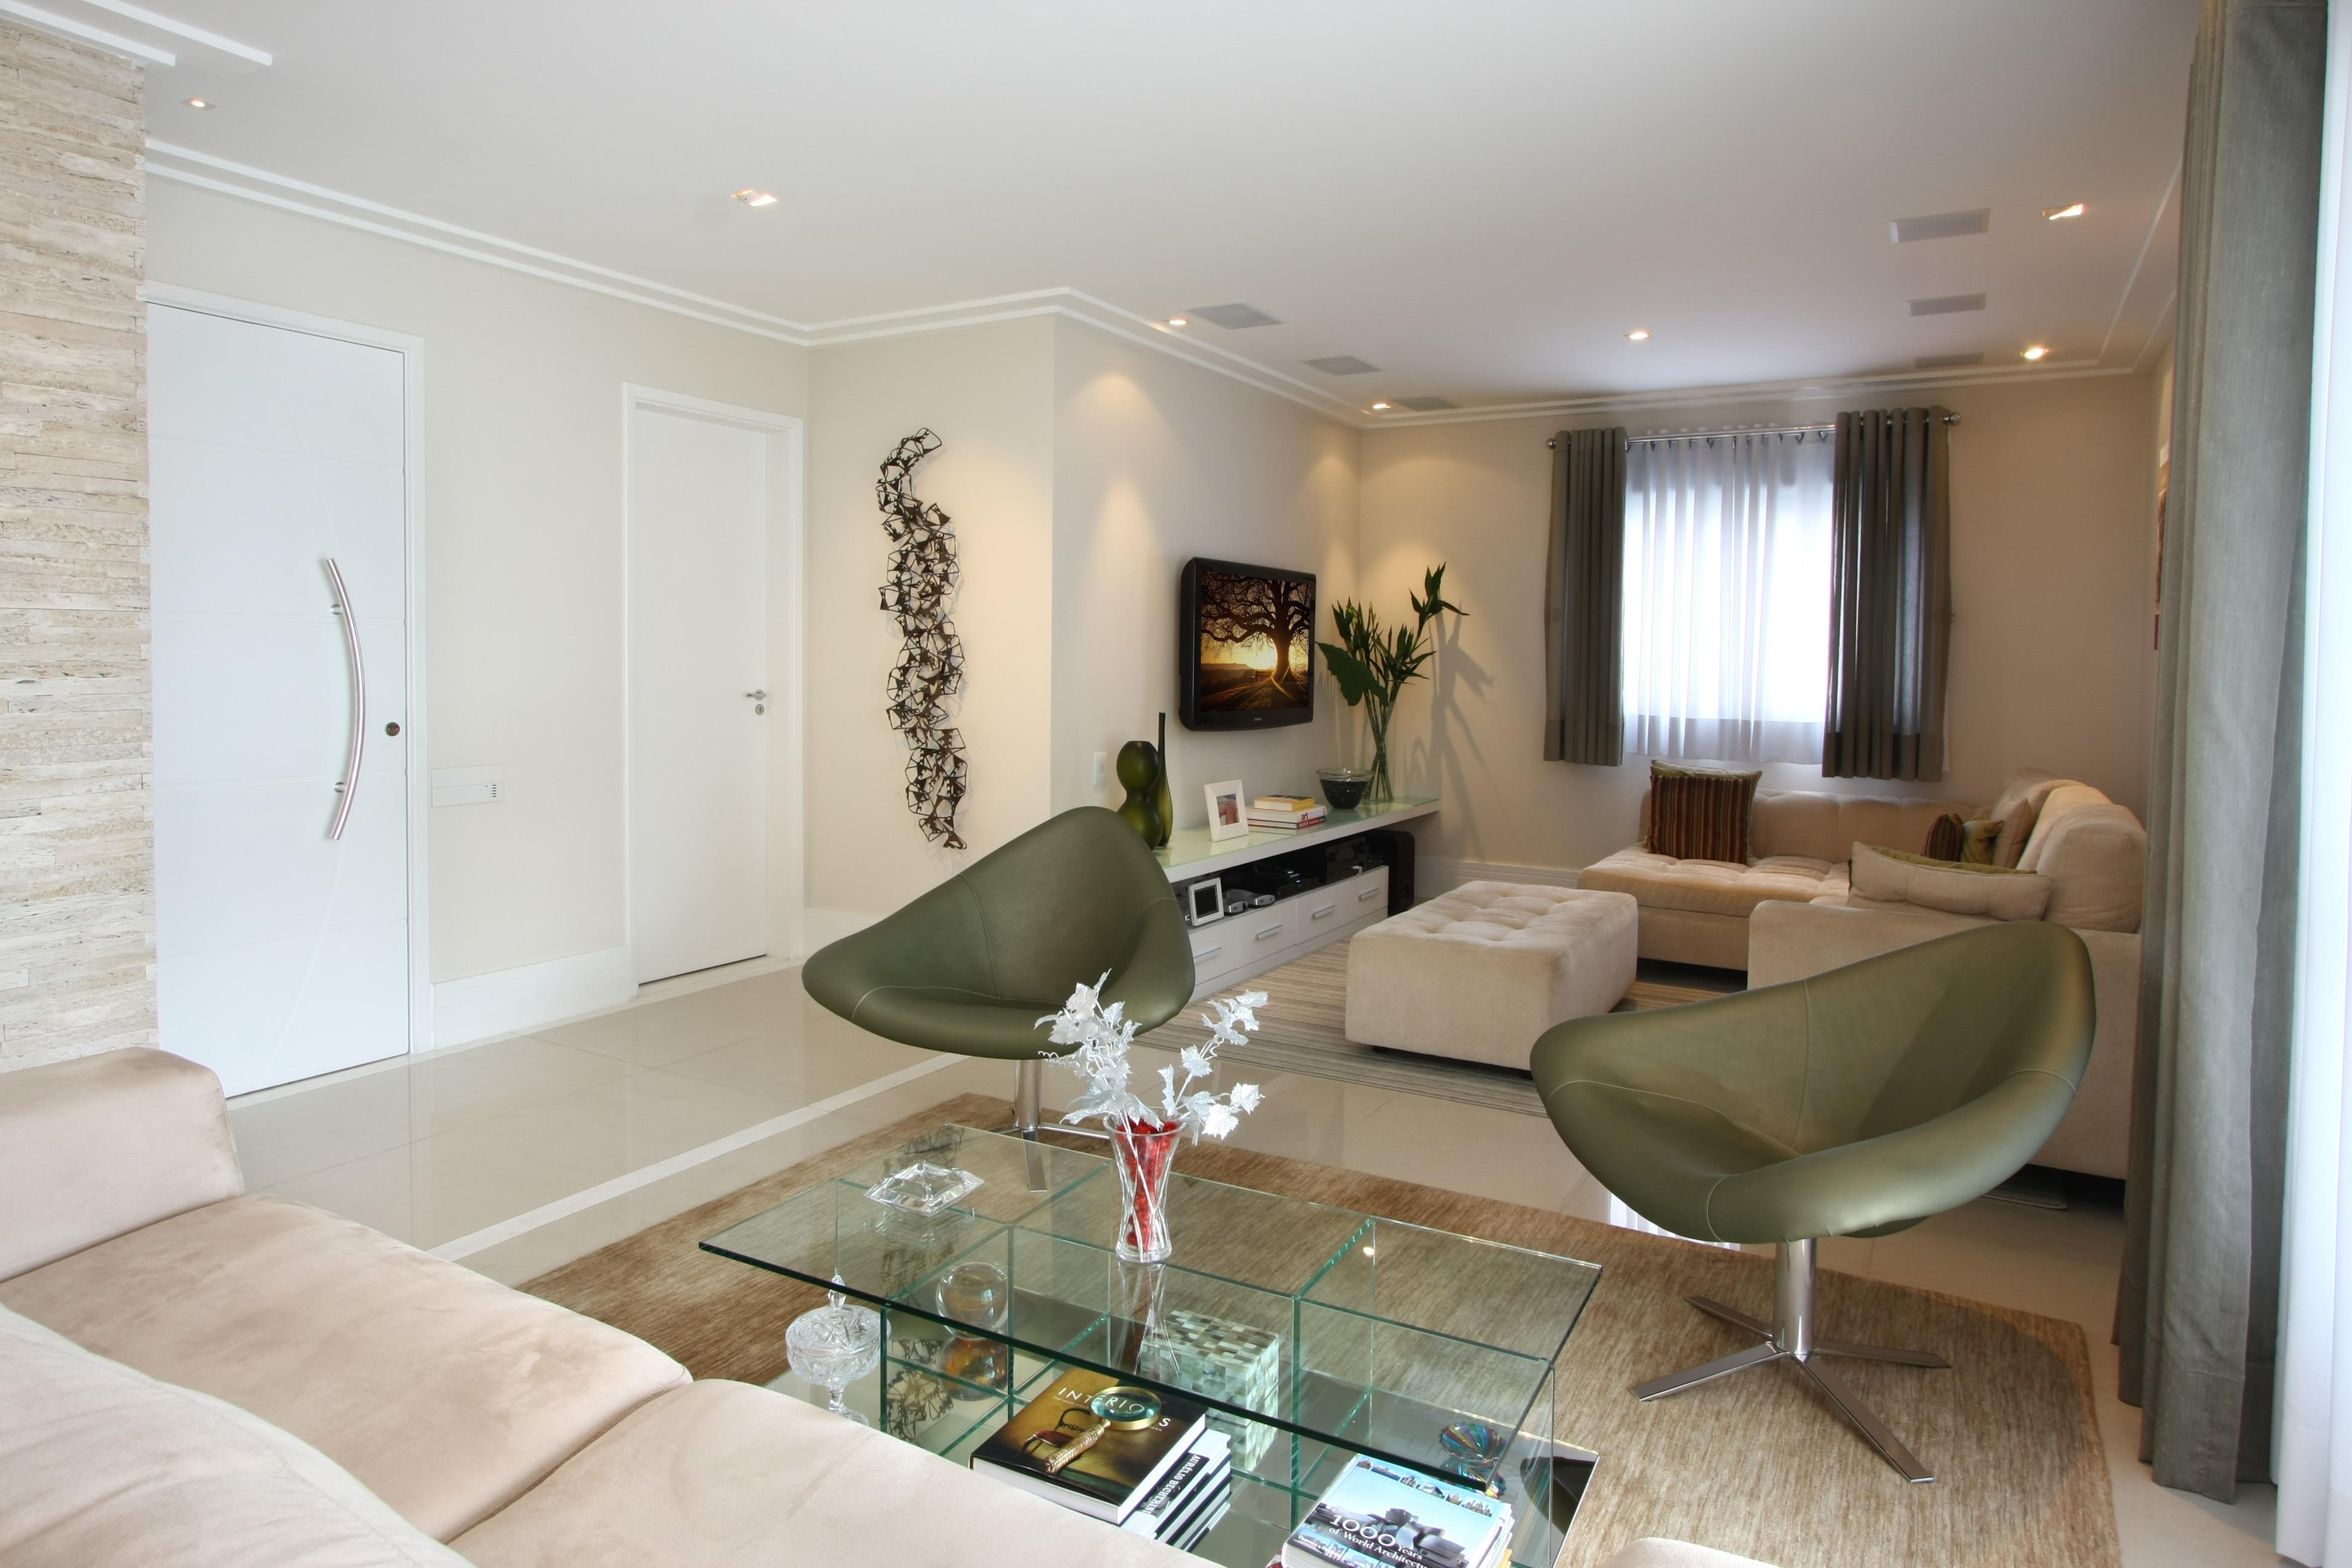 Feng shui como decorar a casa de uma forma mais harmoniosa for Cores sala de estar feng shui